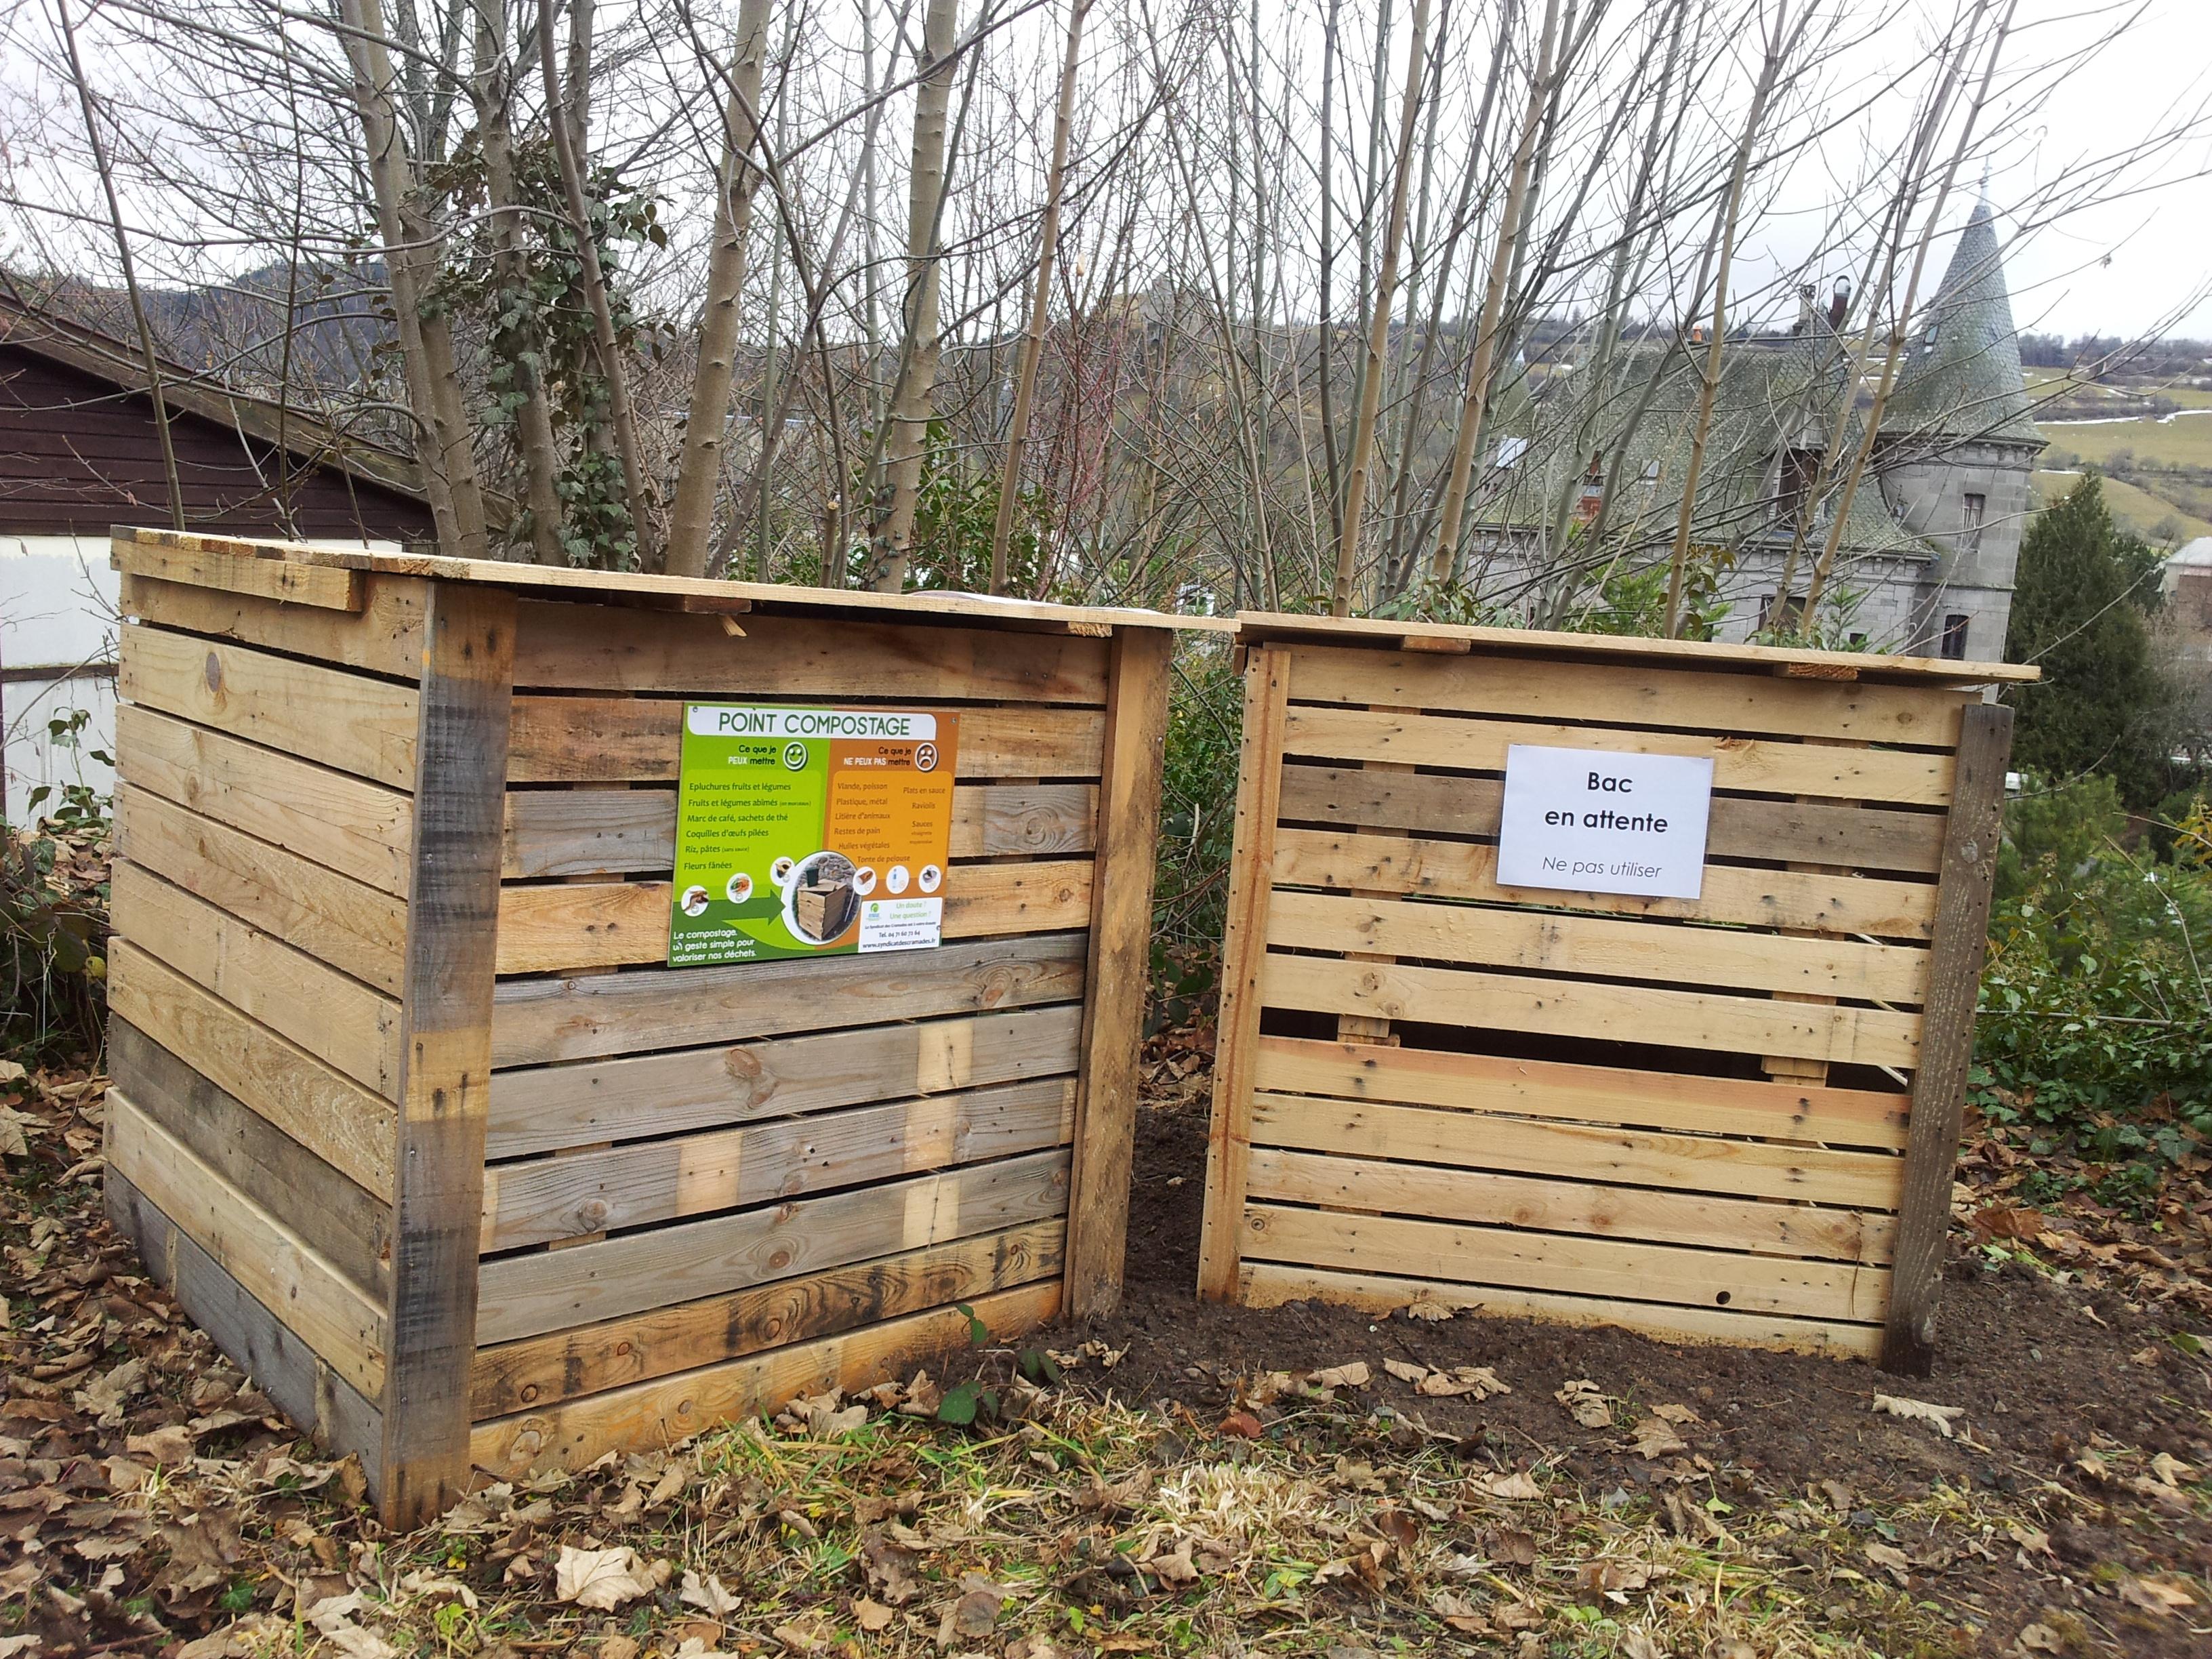 Point compostage Résidence de l′ancienne école maternelle.